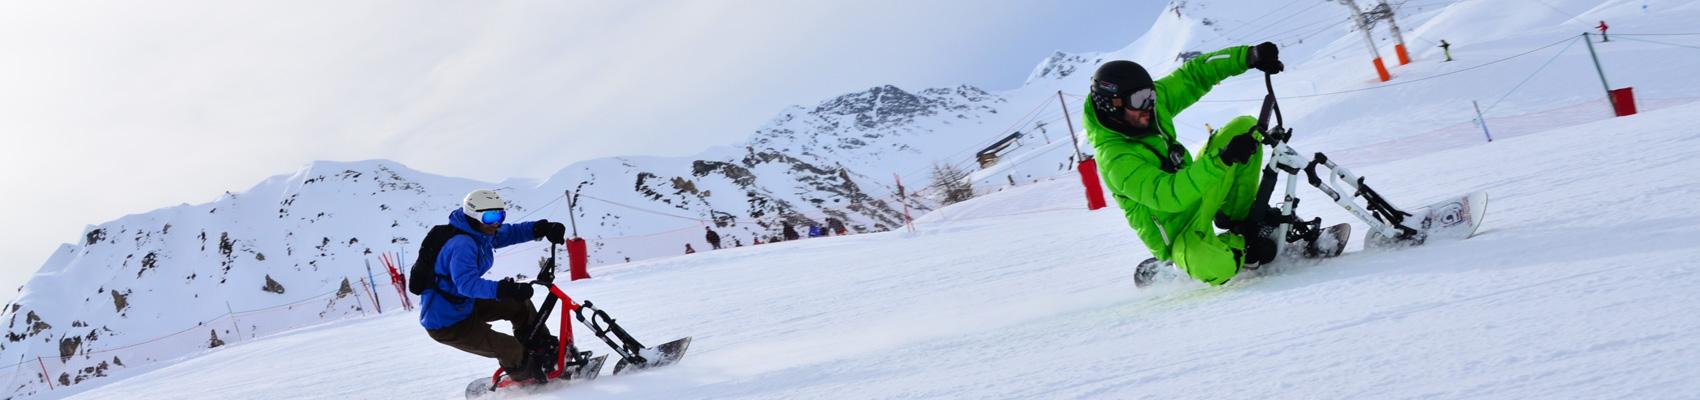 Snowscoot à Super besse avec le spécialiste outdoor Evolution 2